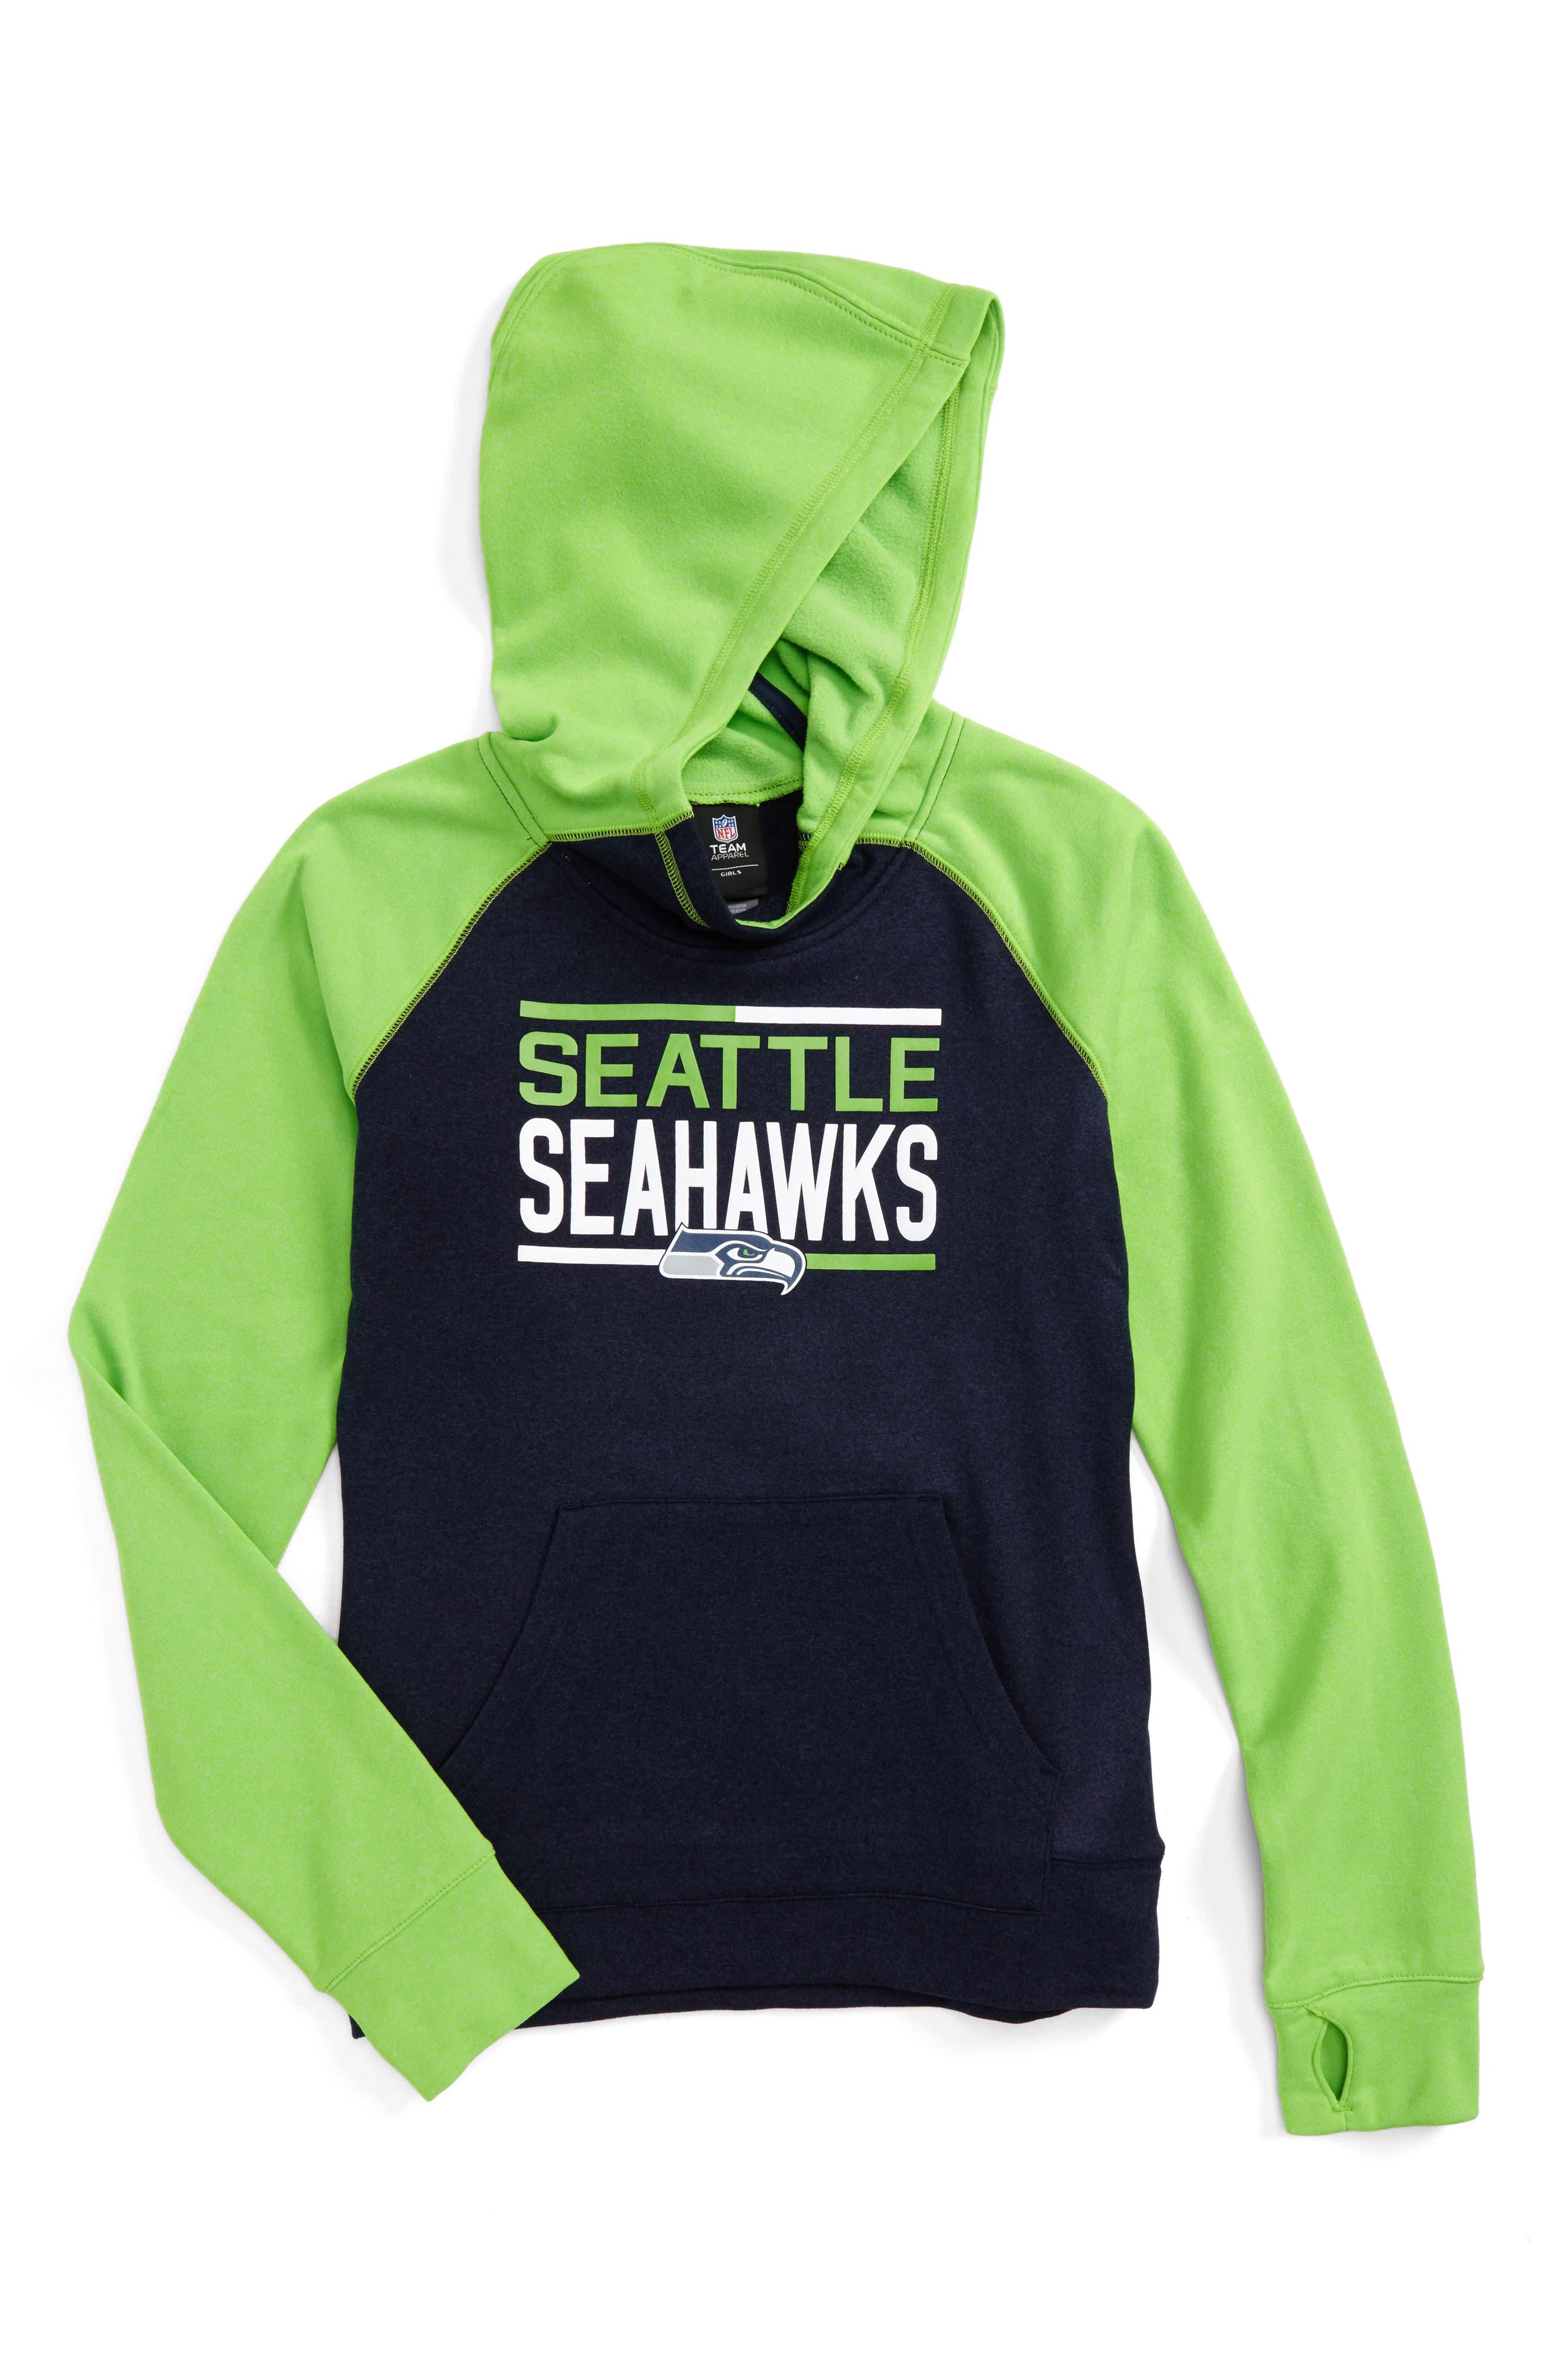 Alternate Image 1 Selected - Outerstuff NFL Seattle Seahawks Hoodie (Big Girls)